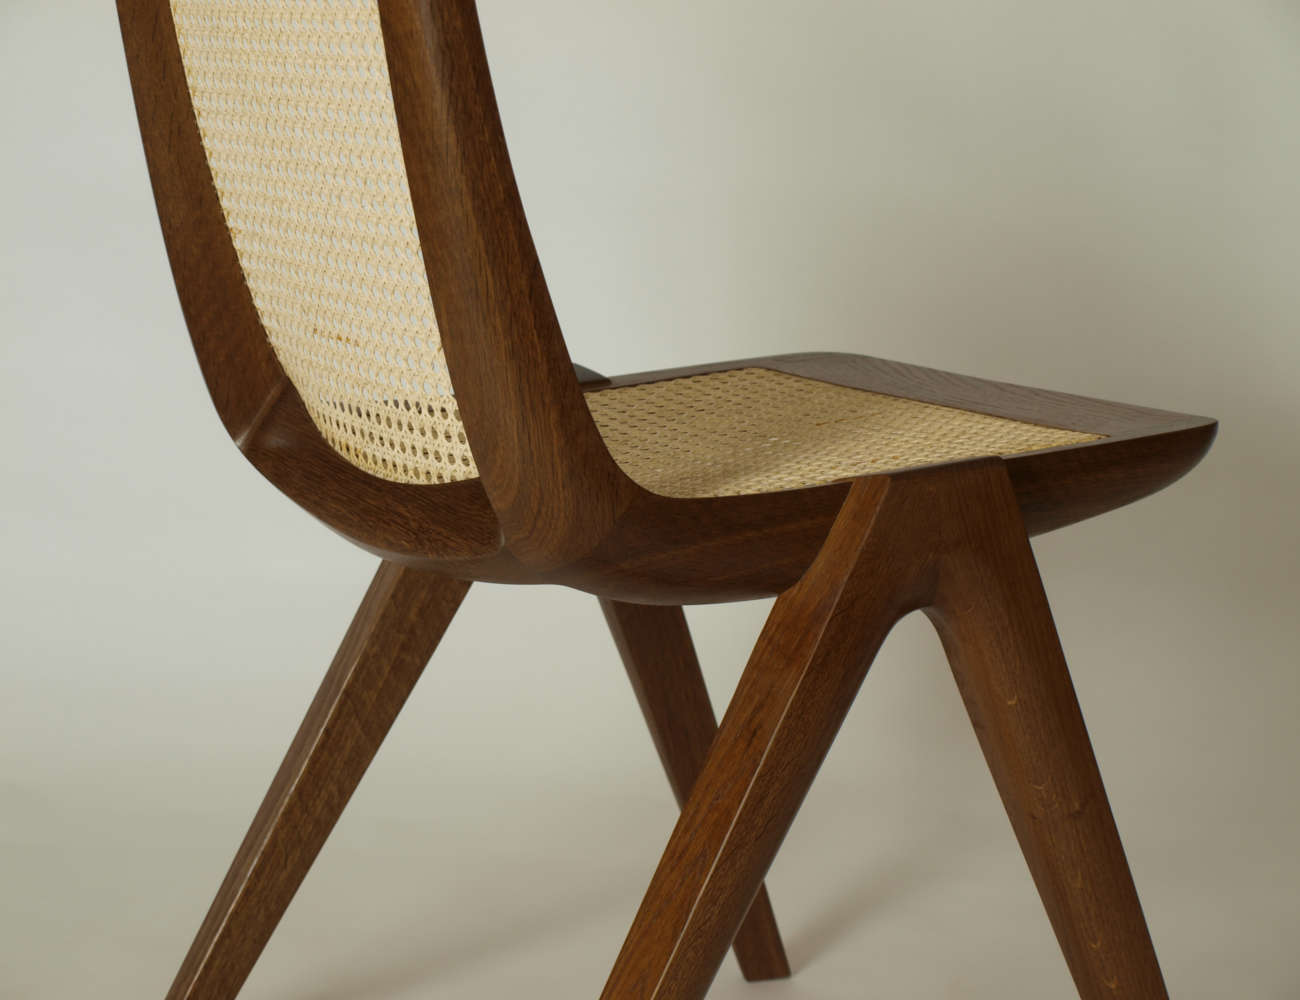 Esszimmerstuhl aus Holz, Holzart Räuchereiche